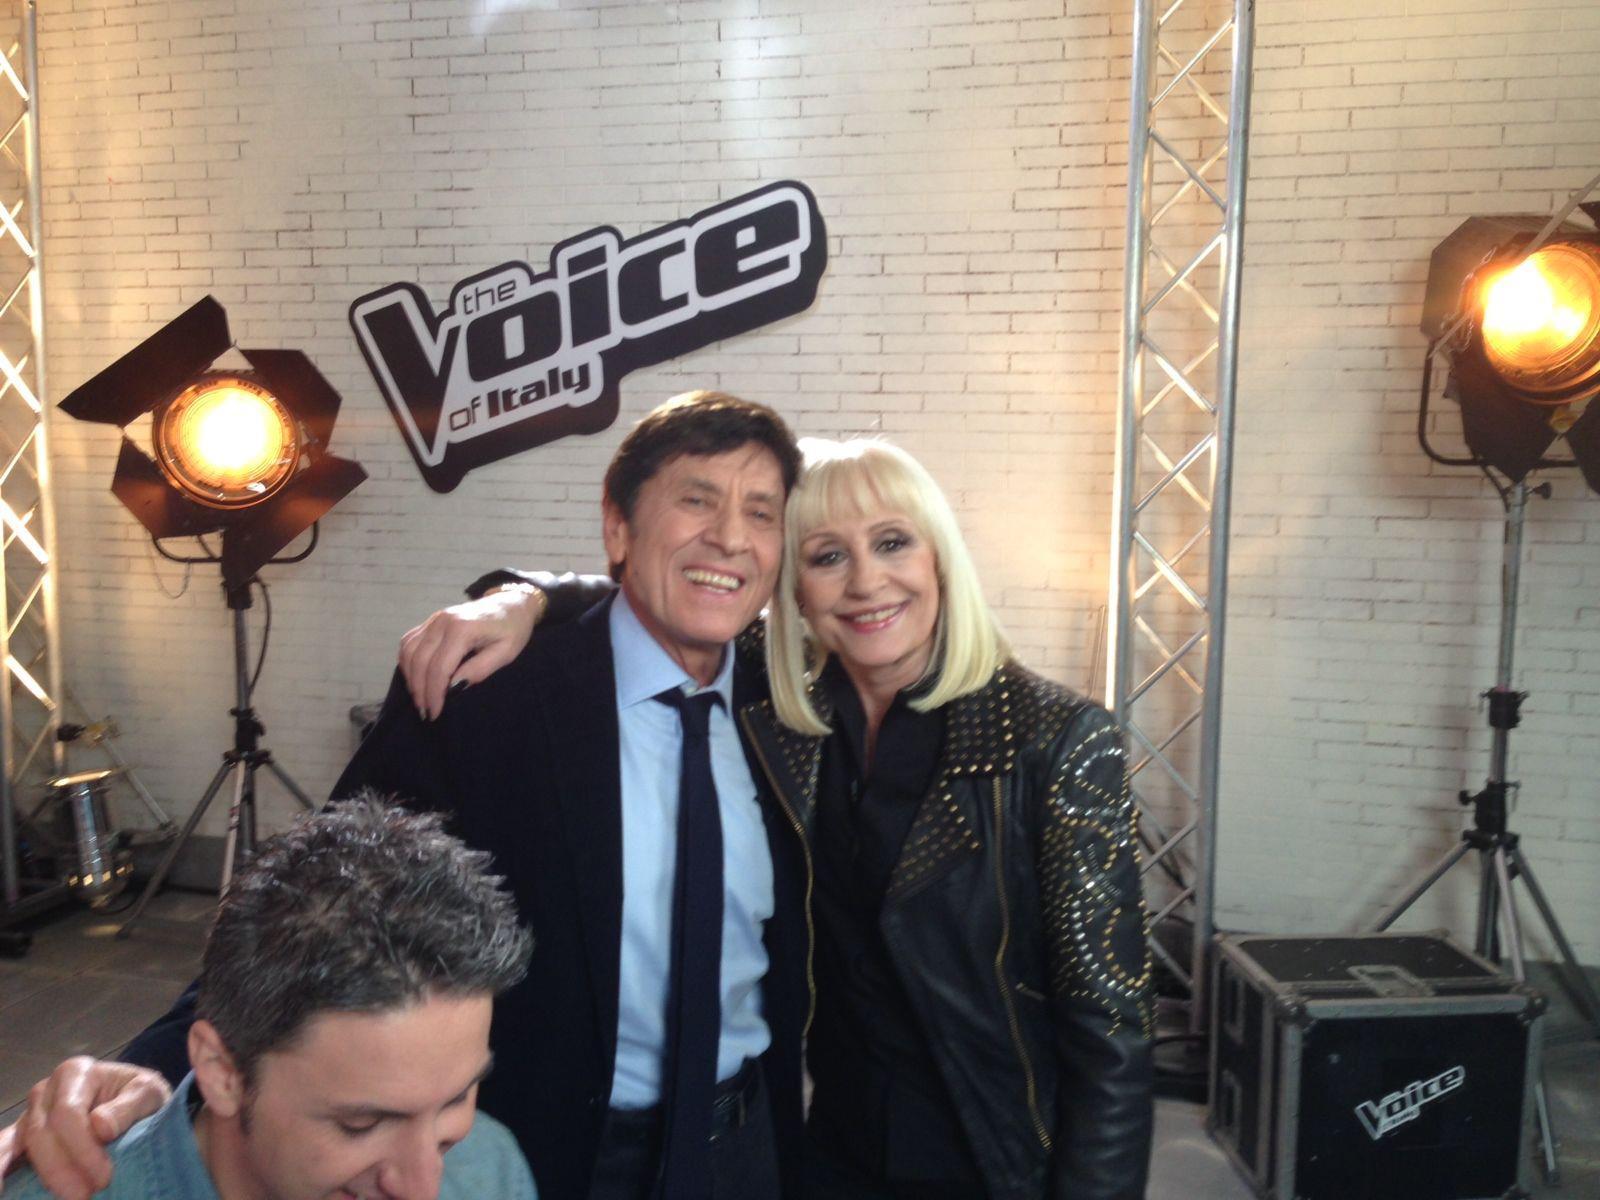 The Voice of Italy: Morandi, Kekko, Marlene Kuntz e Mario Biondi consulenti dei giudici